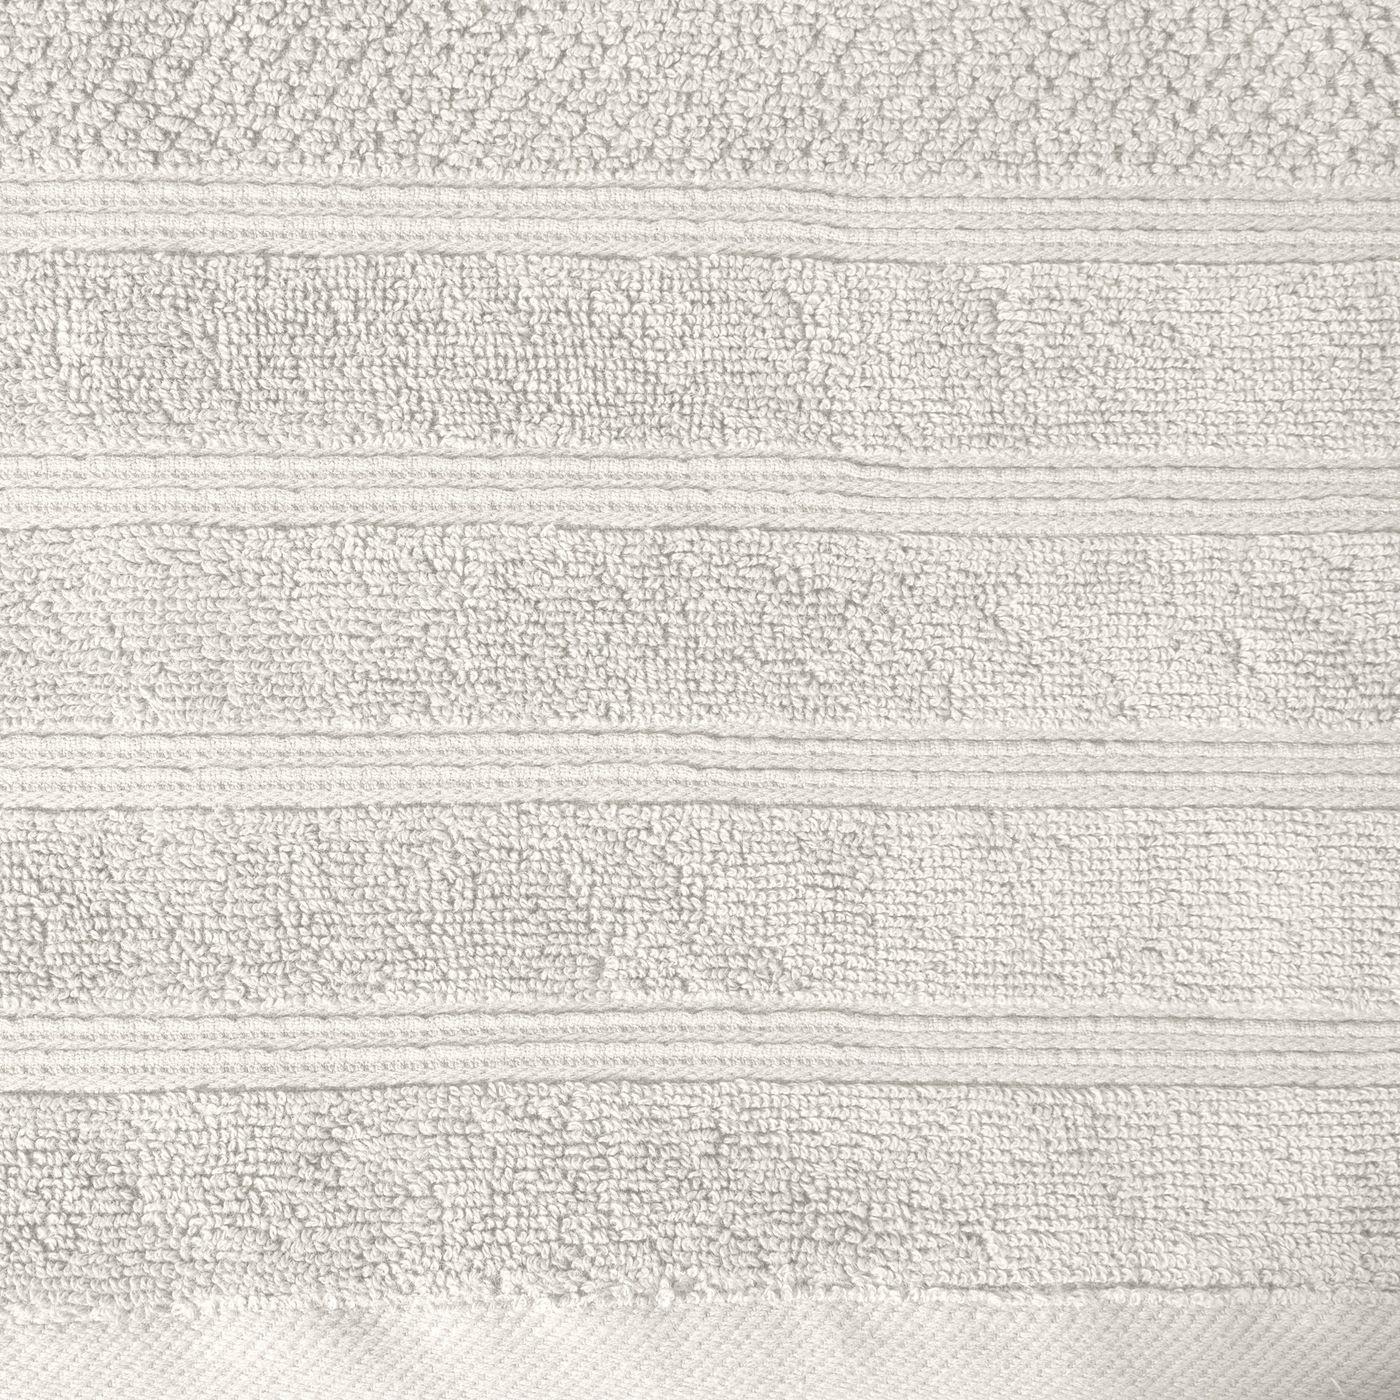 Bawełniany ręcznik kąpielowy frote kremowy 50x90